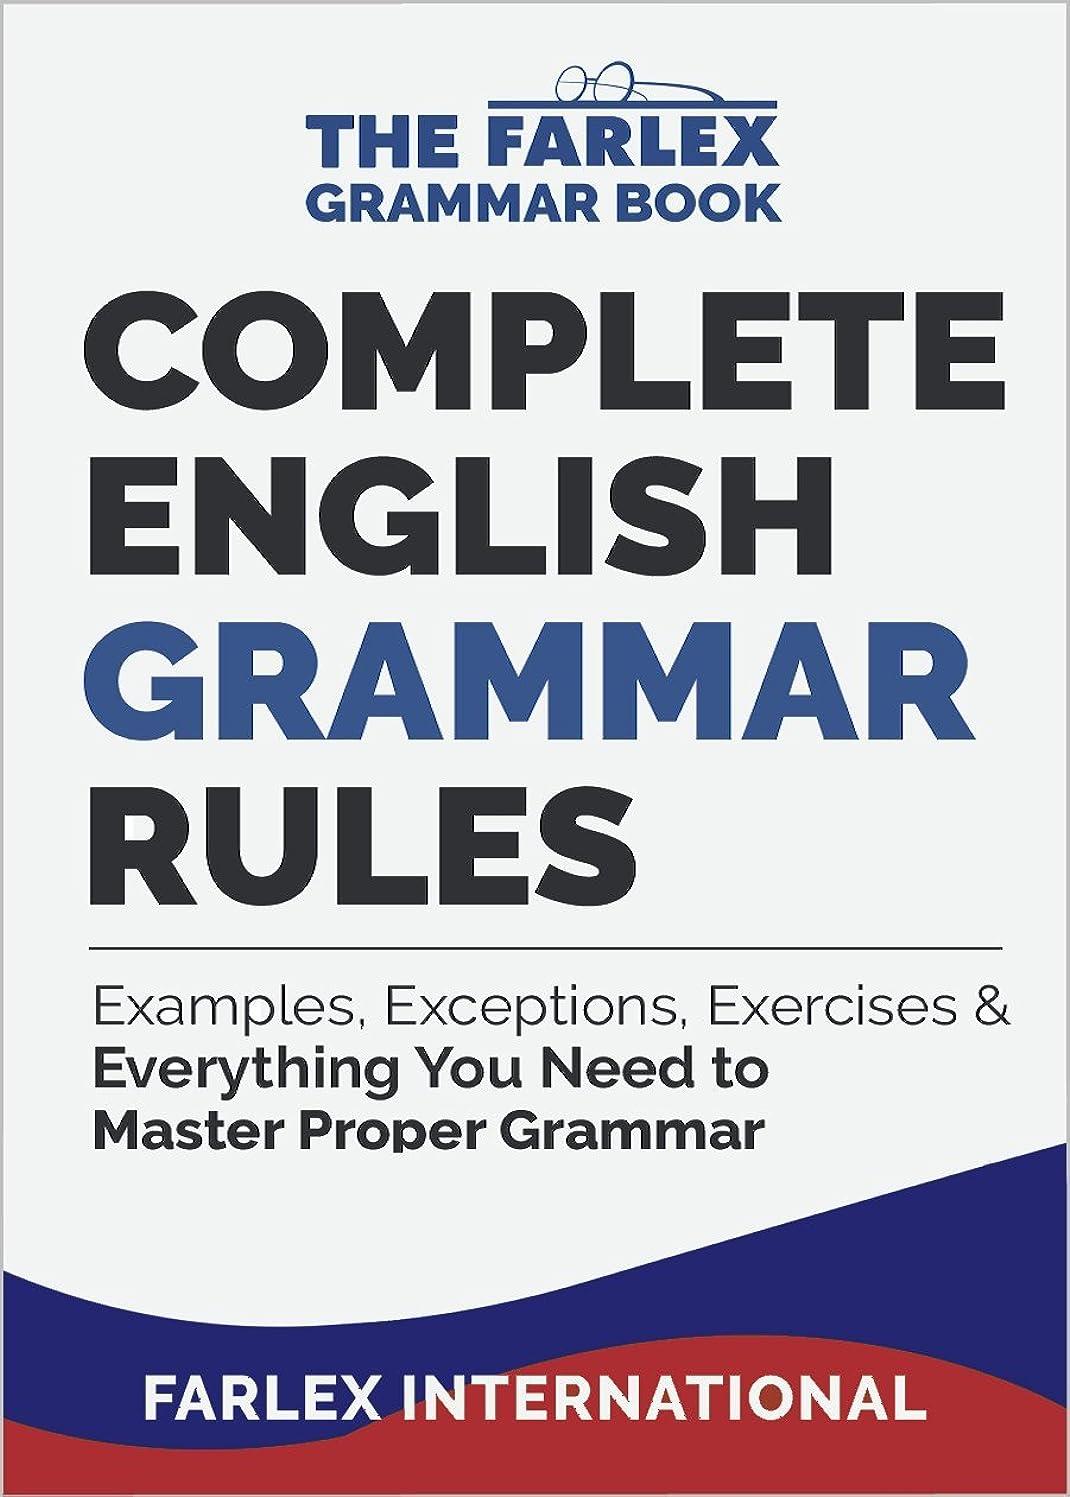 バングスパイ位置するComplete English Grammar Rules: Examples, Exceptions, Exercises, and Everything You Need to Master Proper Grammar (The Farlex Grammar Book Book 1) (English Edition)